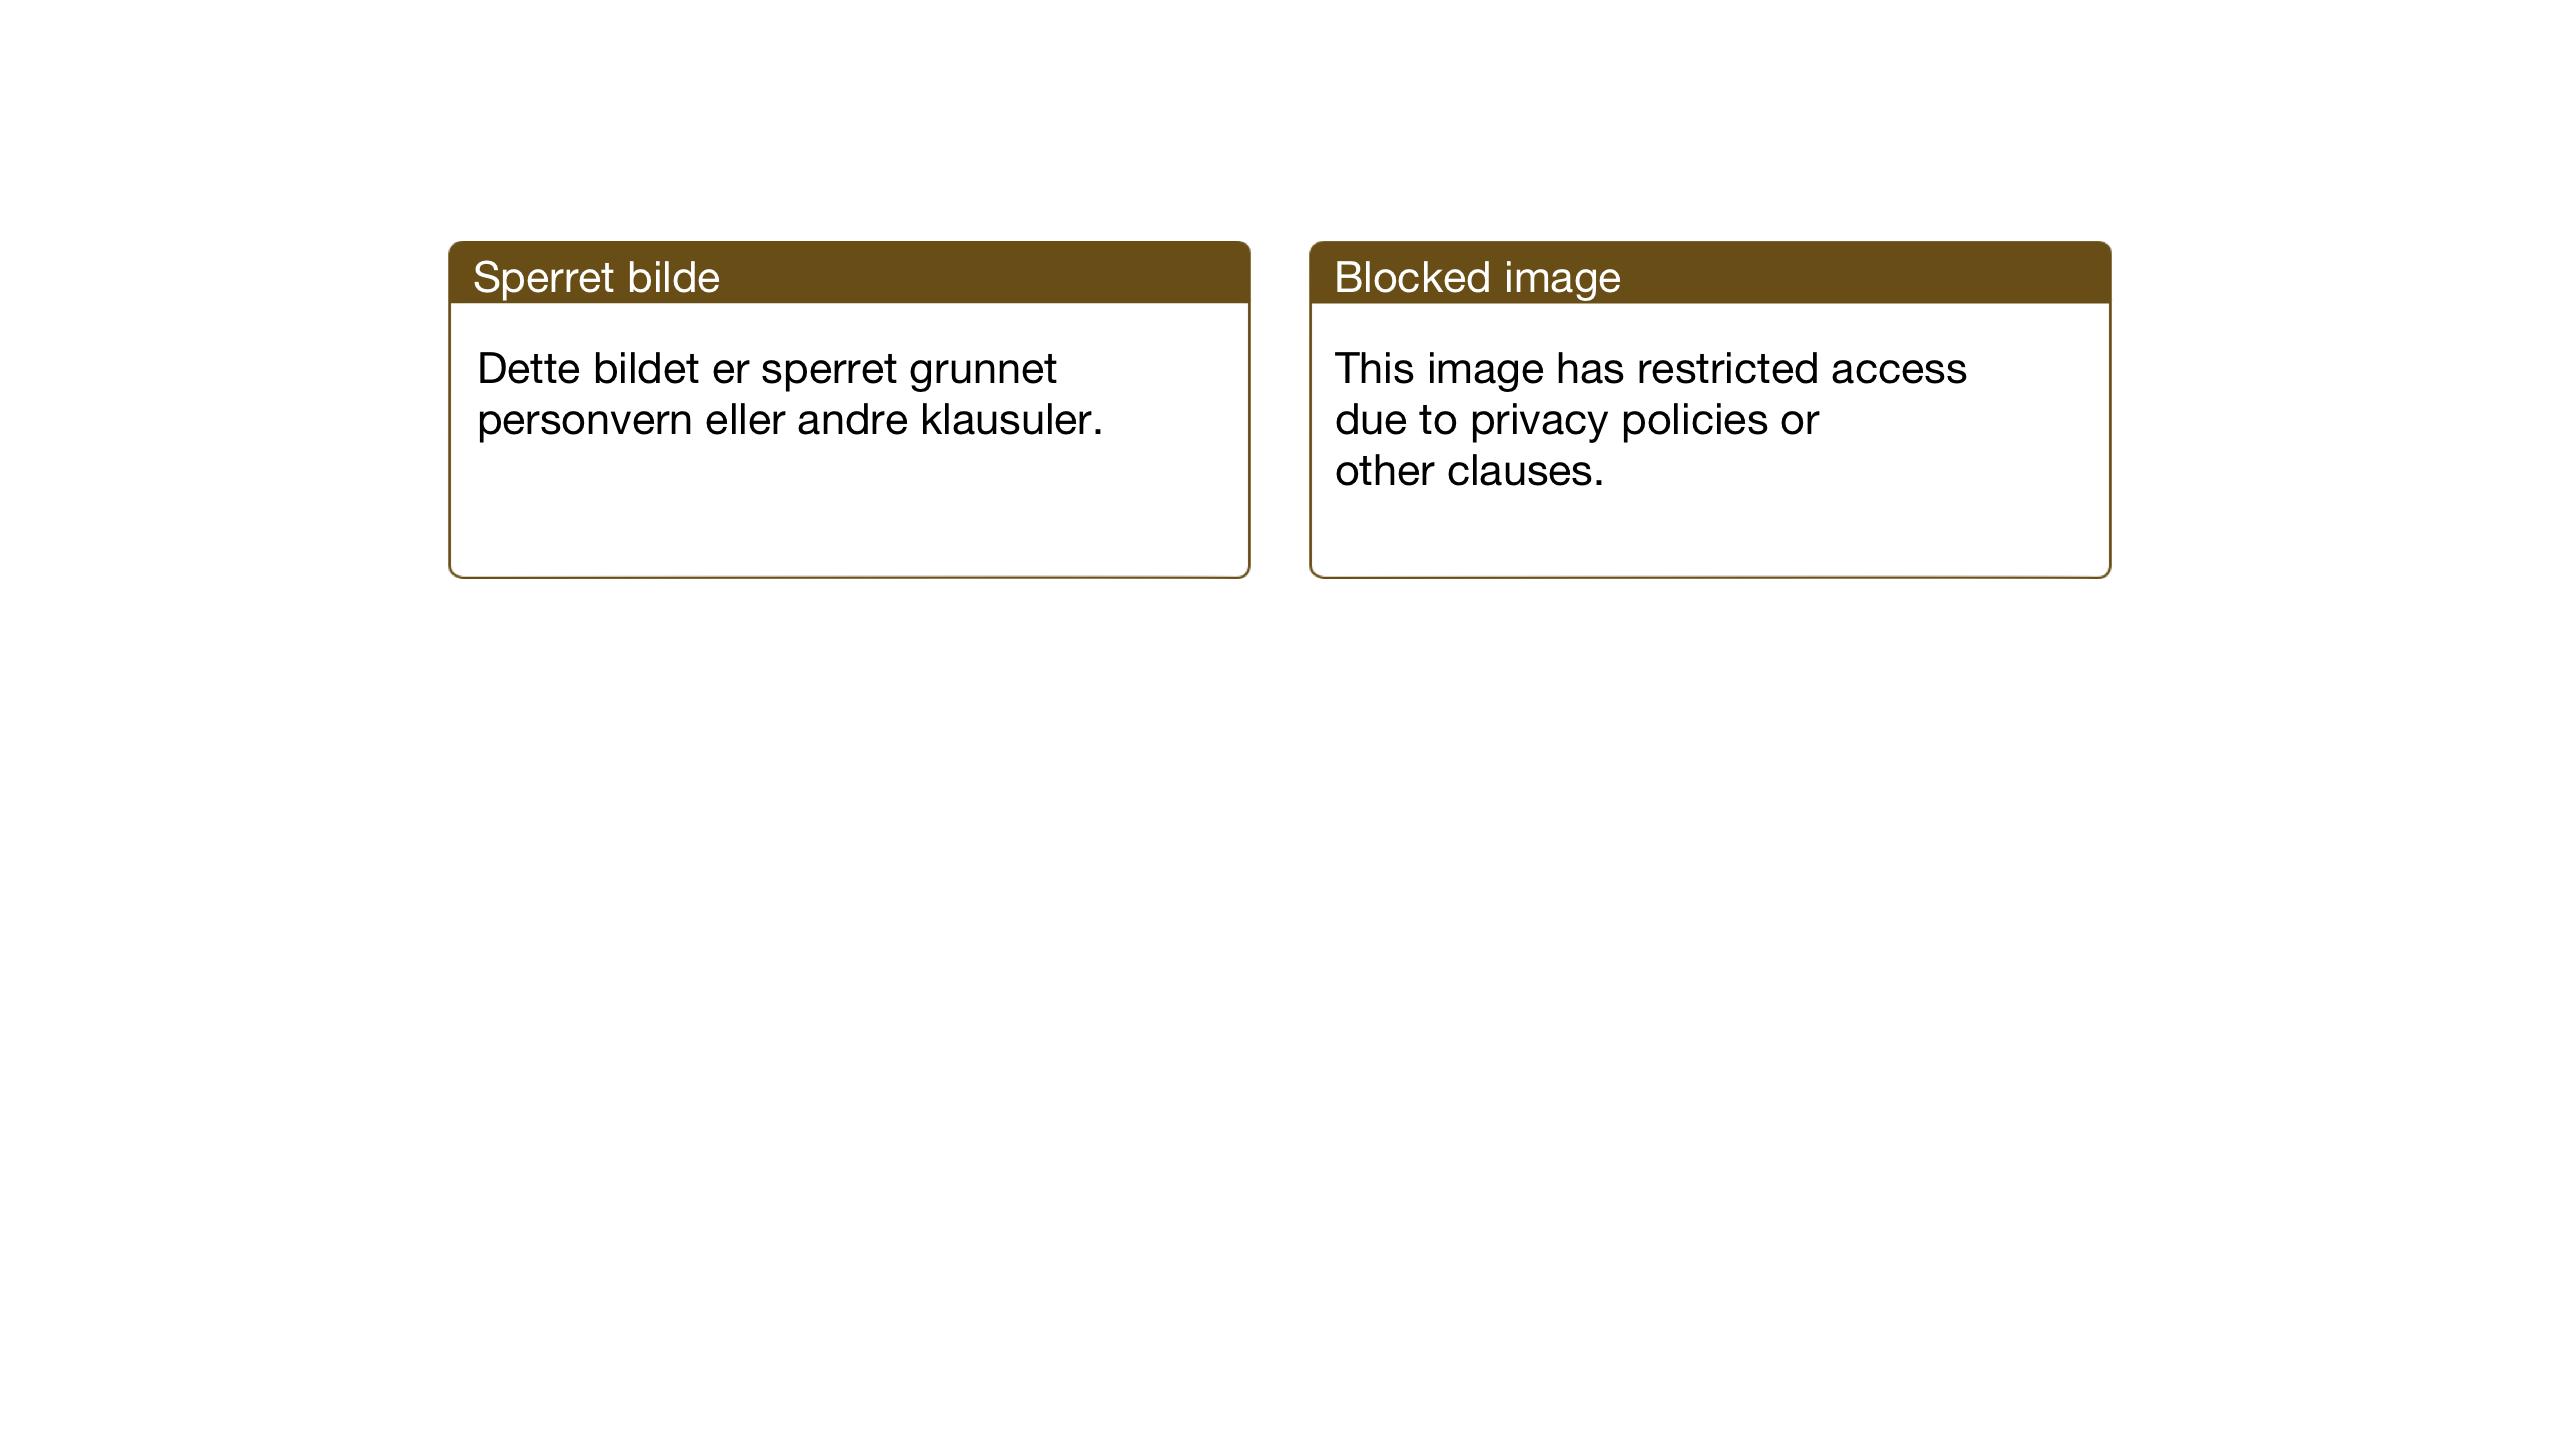 SAT, Ministerialprotokoller, klokkerbøker og fødselsregistre - Sør-Trøndelag, 698/L1169: Klokkerbok nr. 698C06, 1930-1949, s. 136